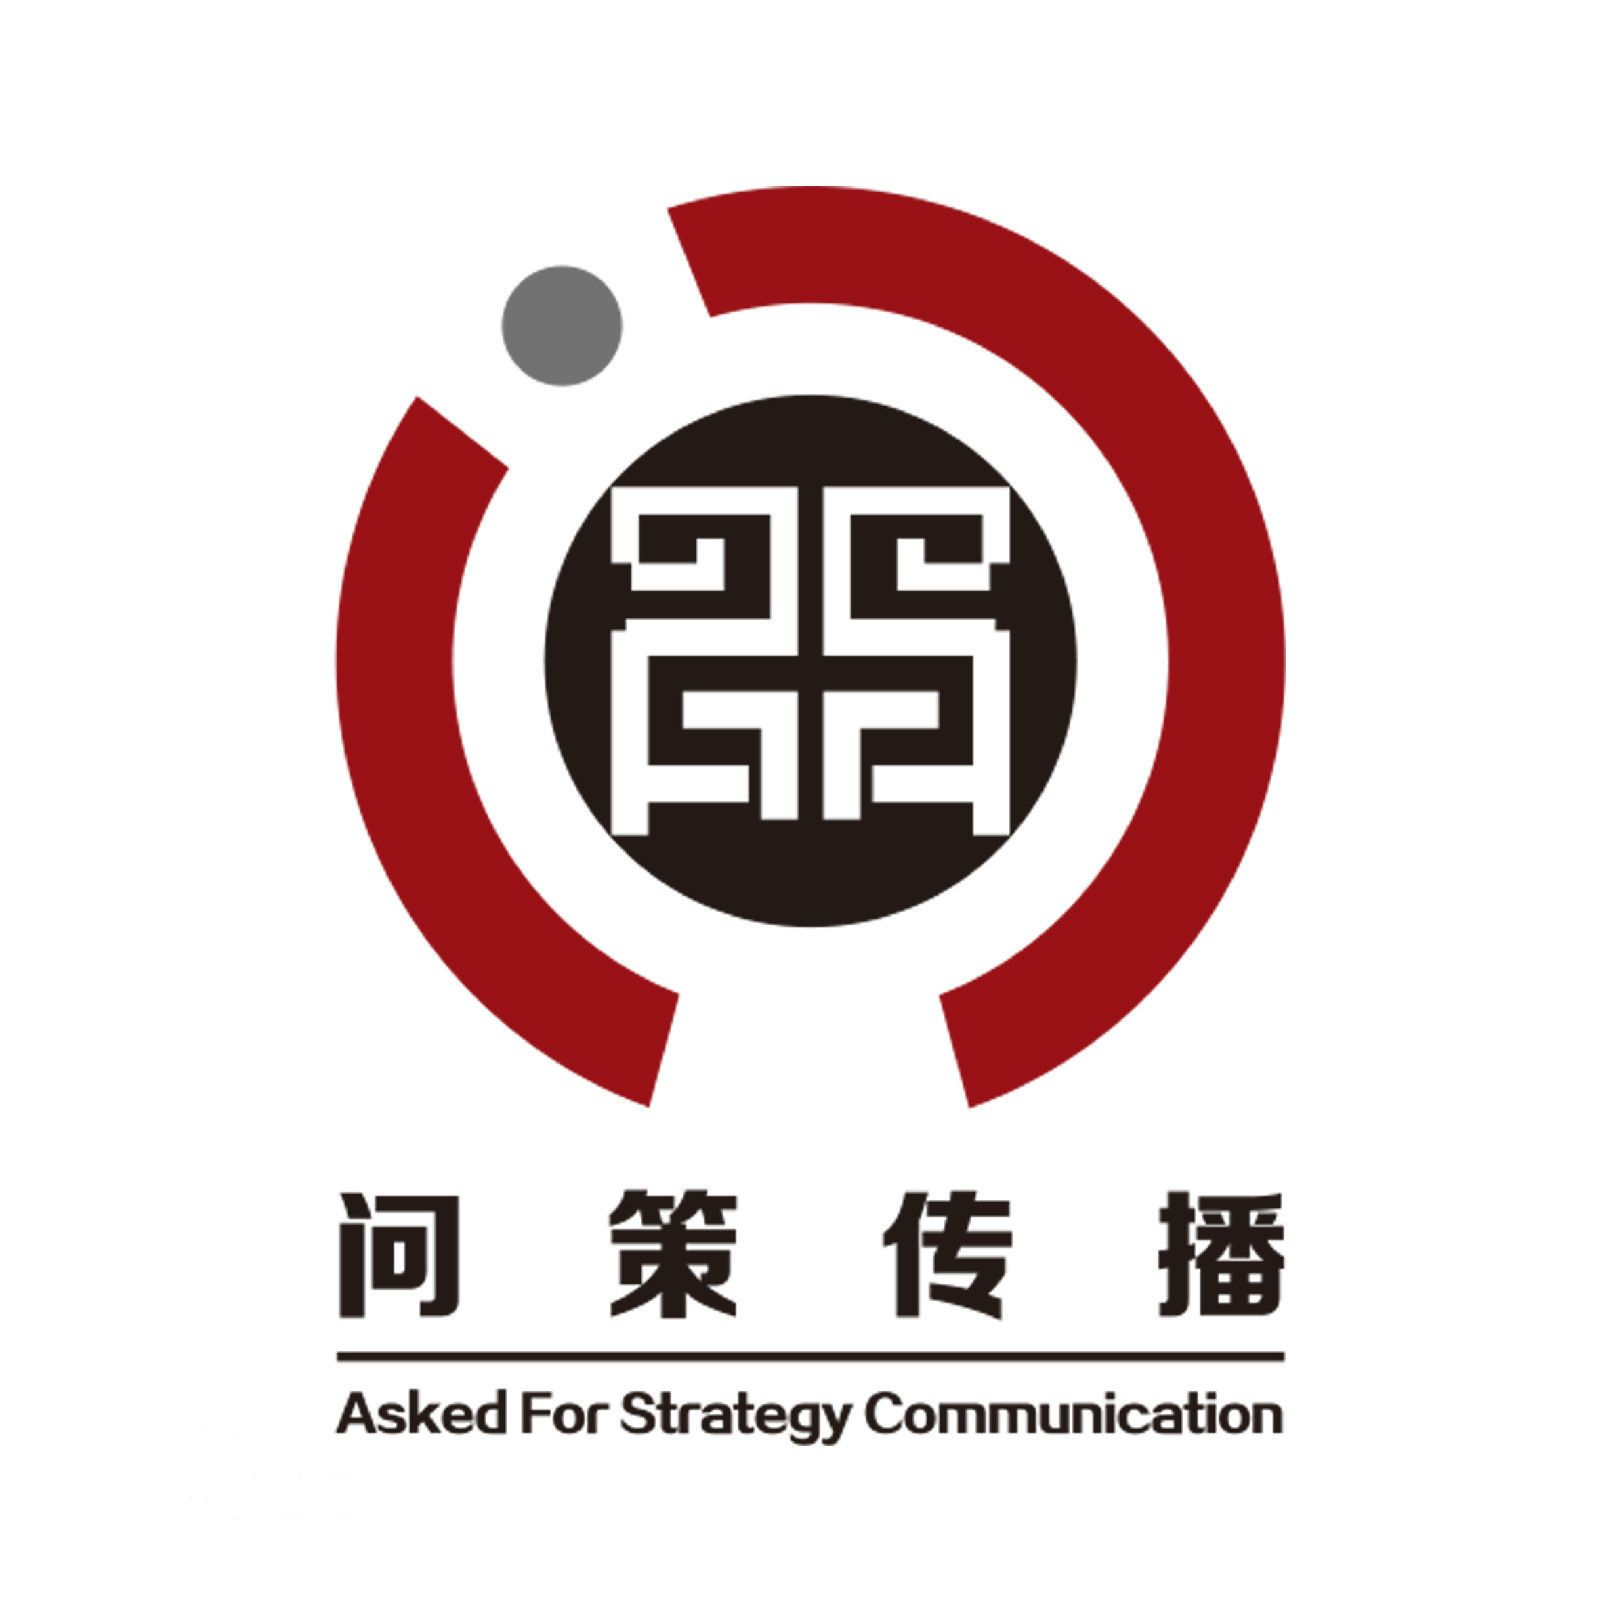 四川問策文化傳播有限公司